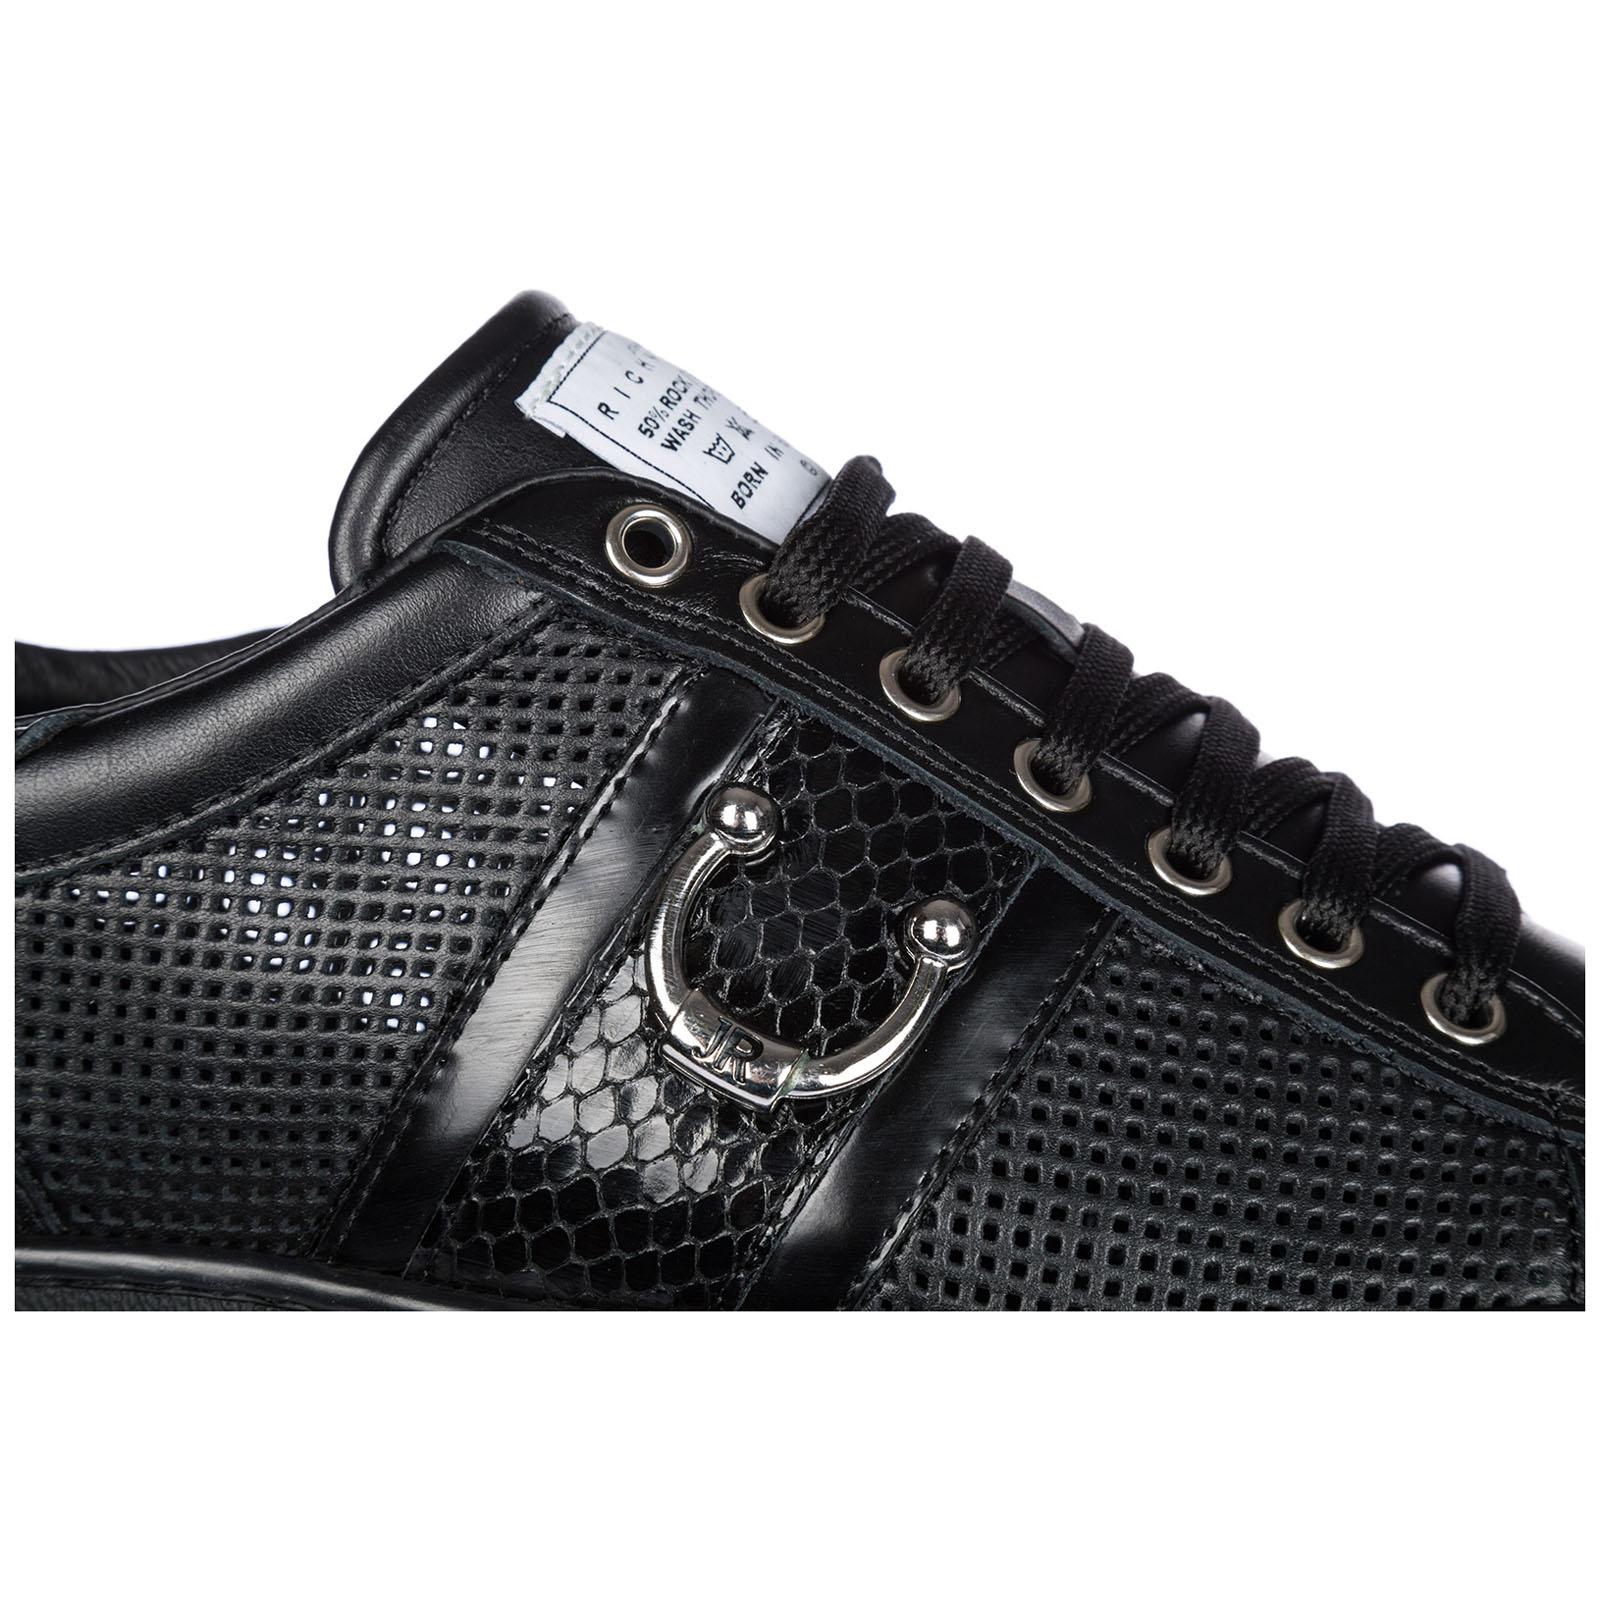 Herrenschuhe herren leder schuhe sneakers piercing